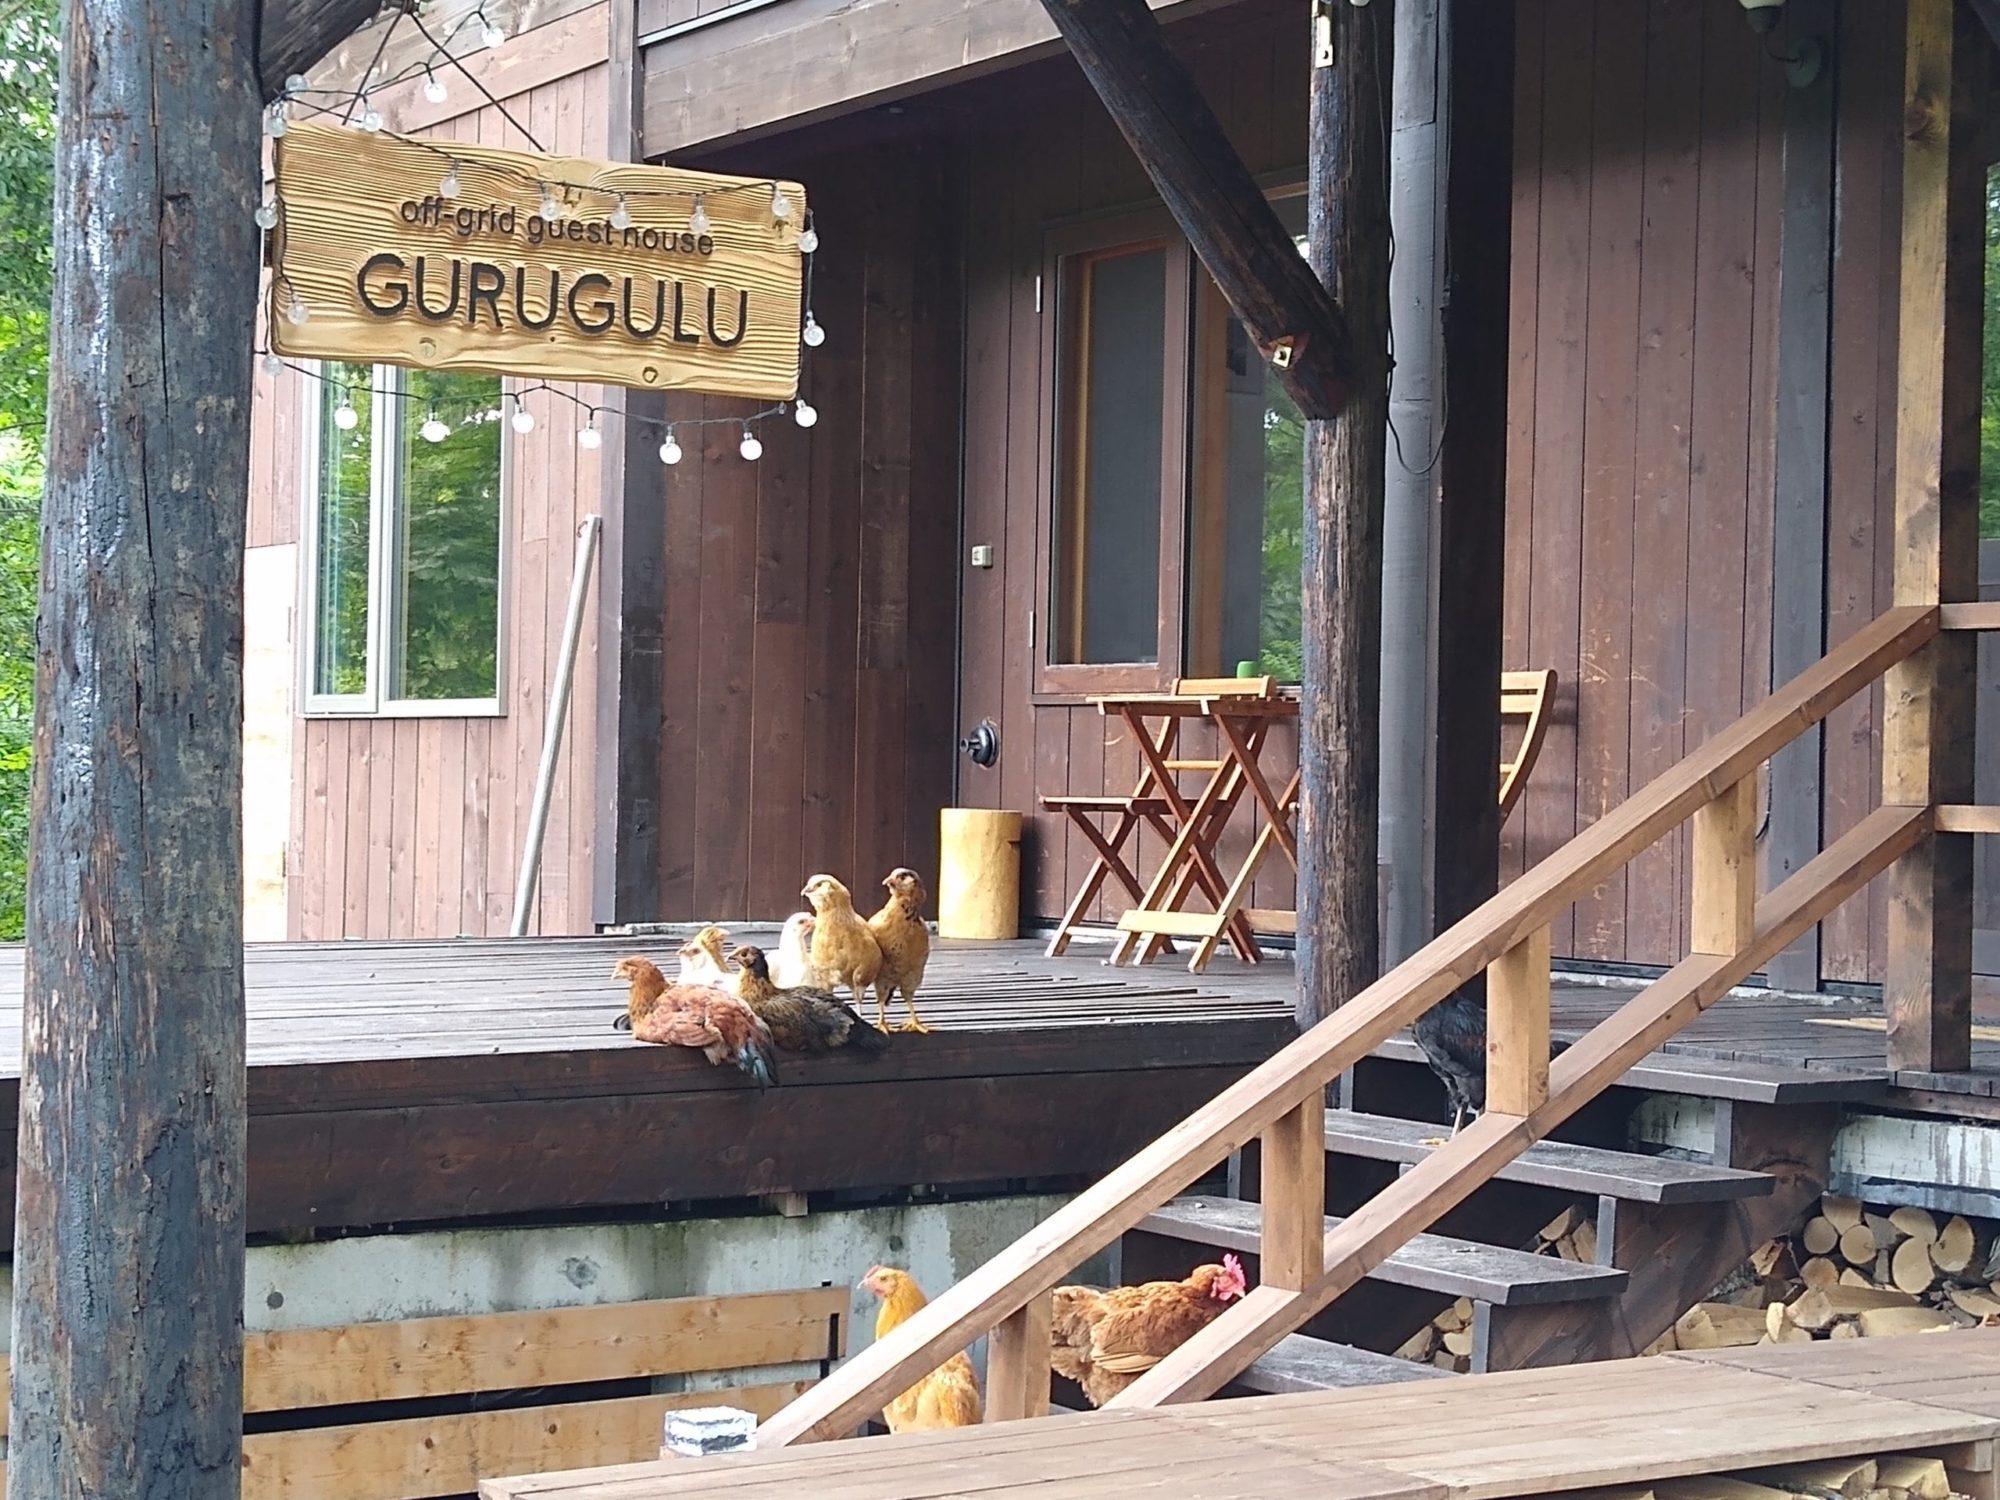 off-gridguest house GURUGULU